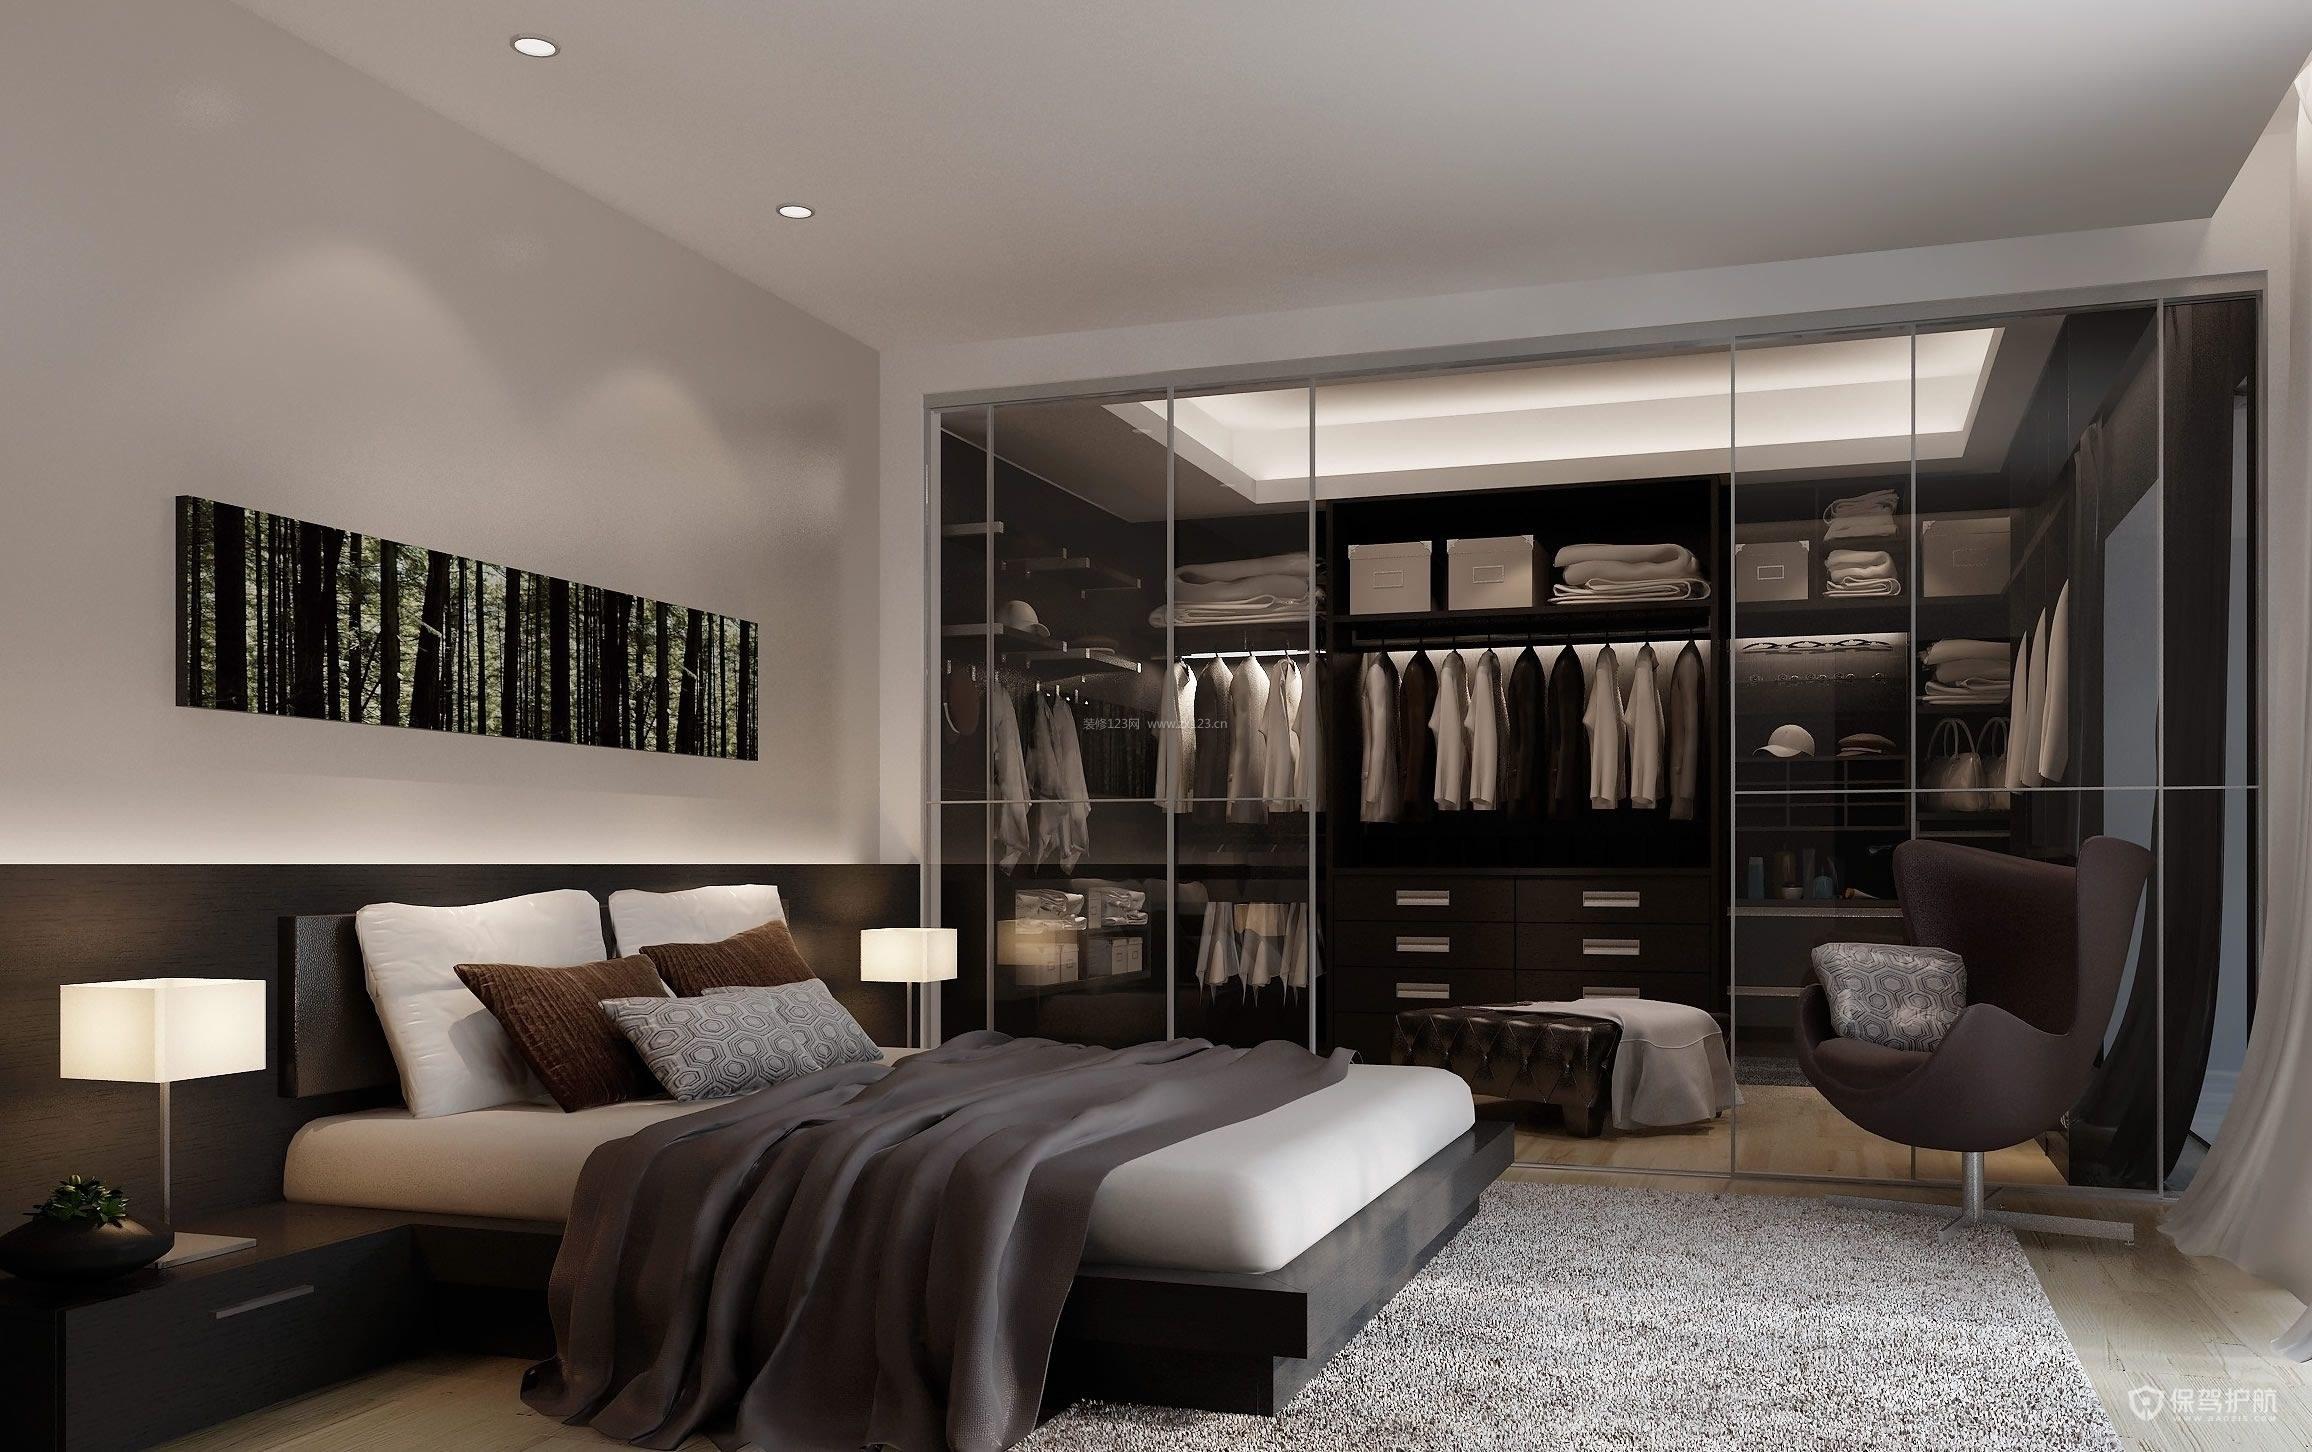 卧室定制衣柜效果图-保驾护航装修网